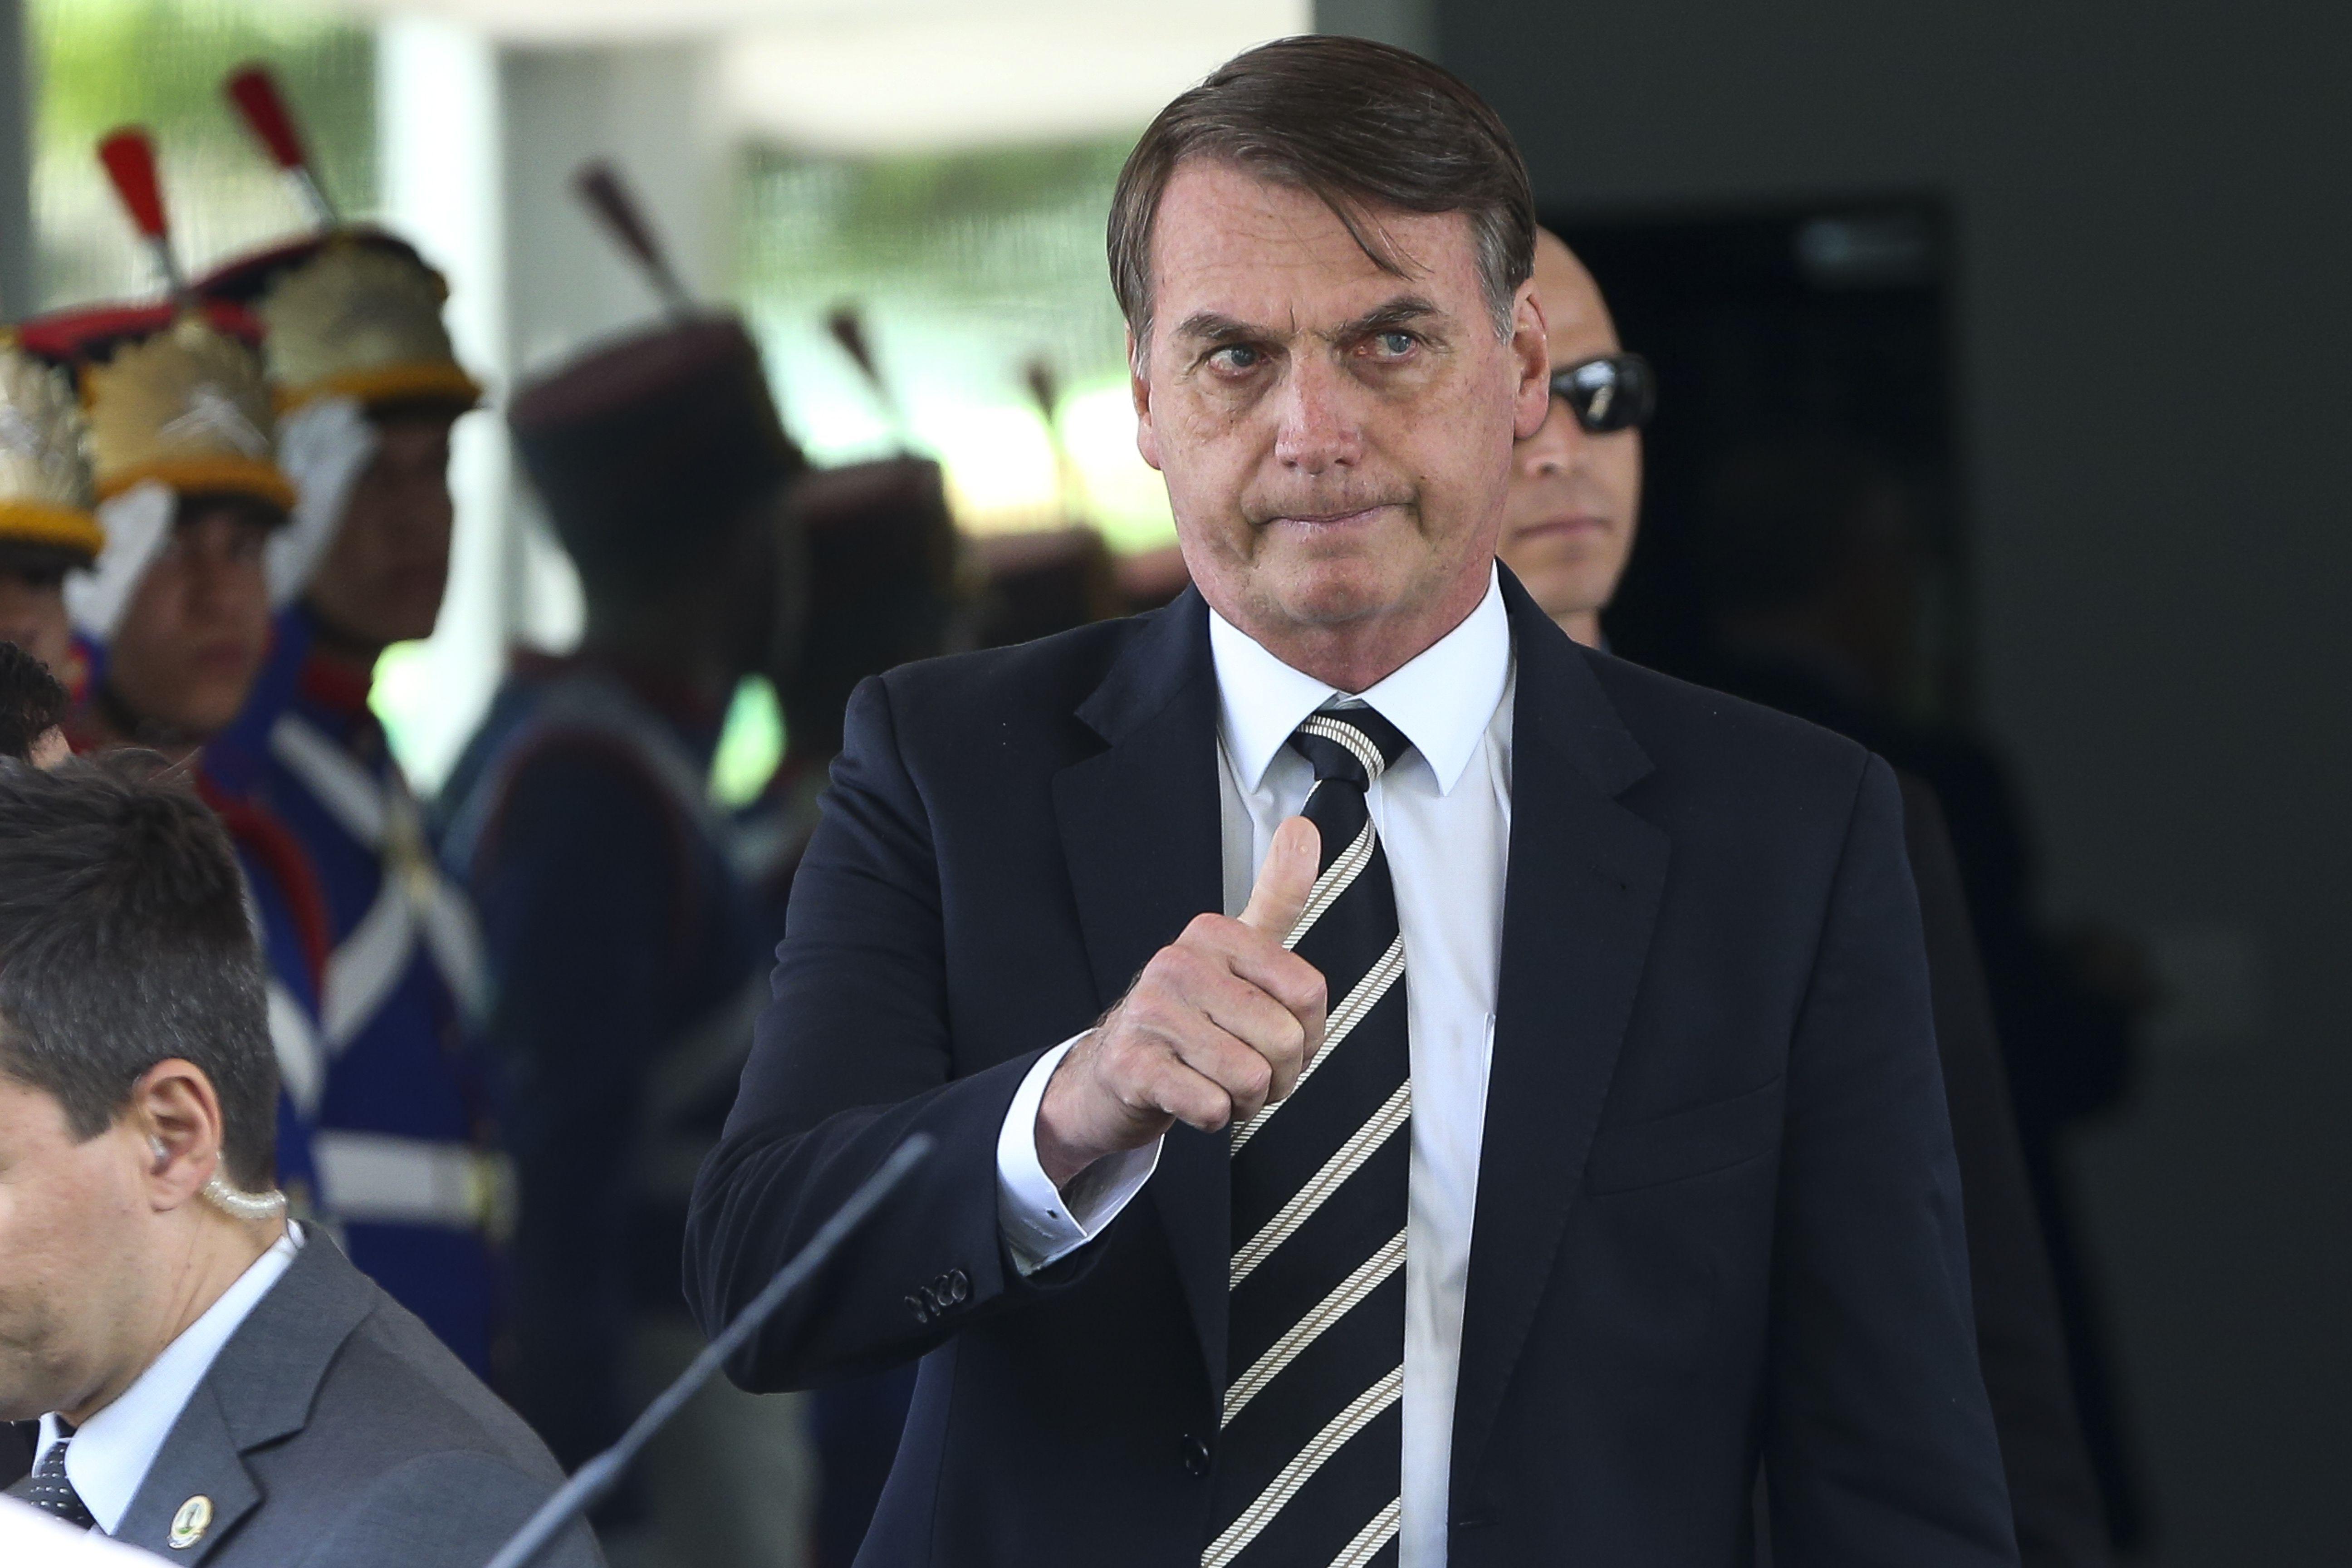 HRW critica autoritarismo no mundo e cita Bolsonaro